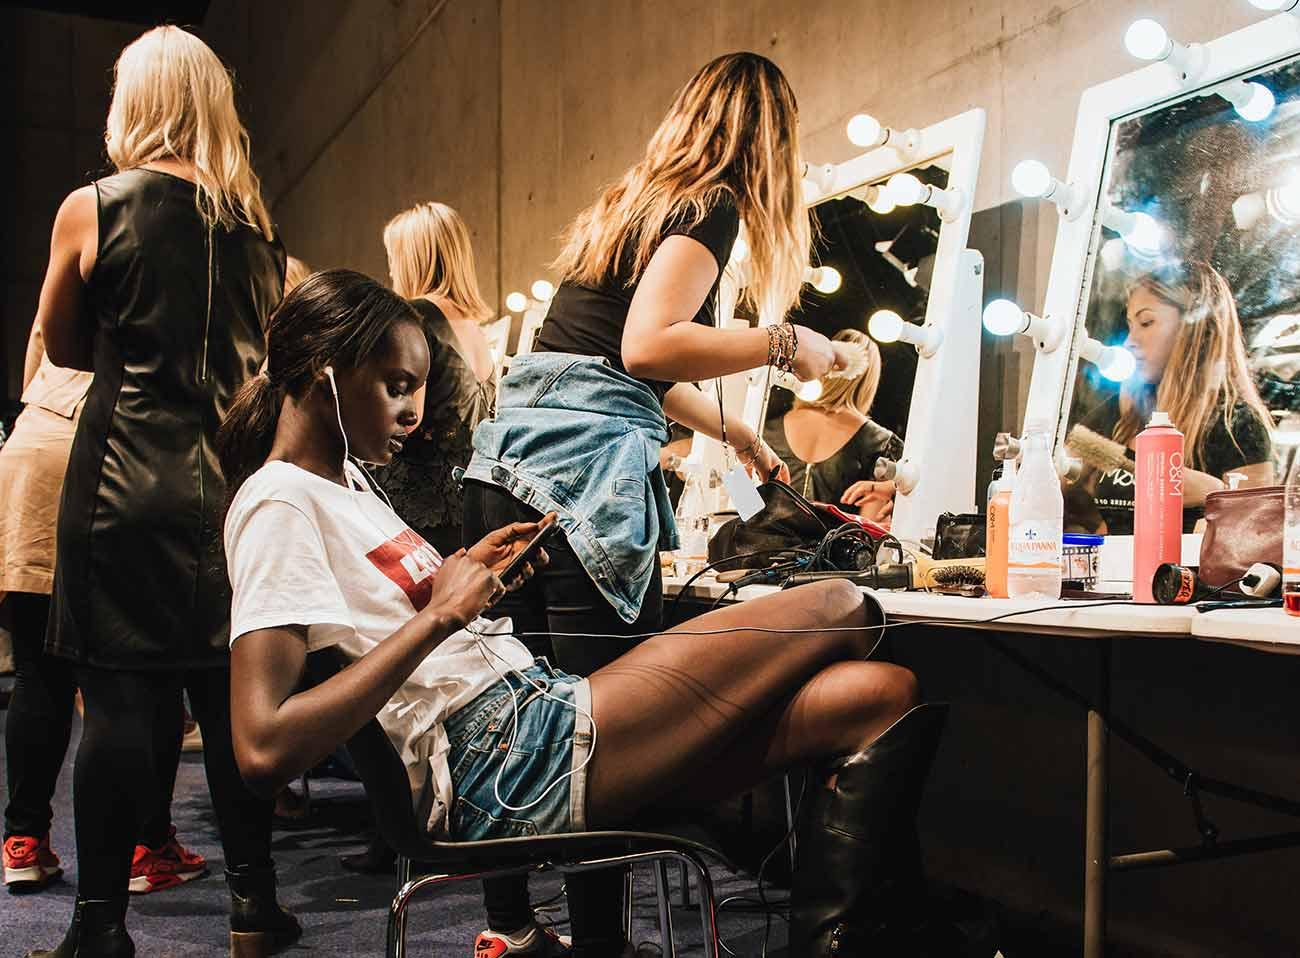 Тест: Понимаете ли вы сленг современных модниц?